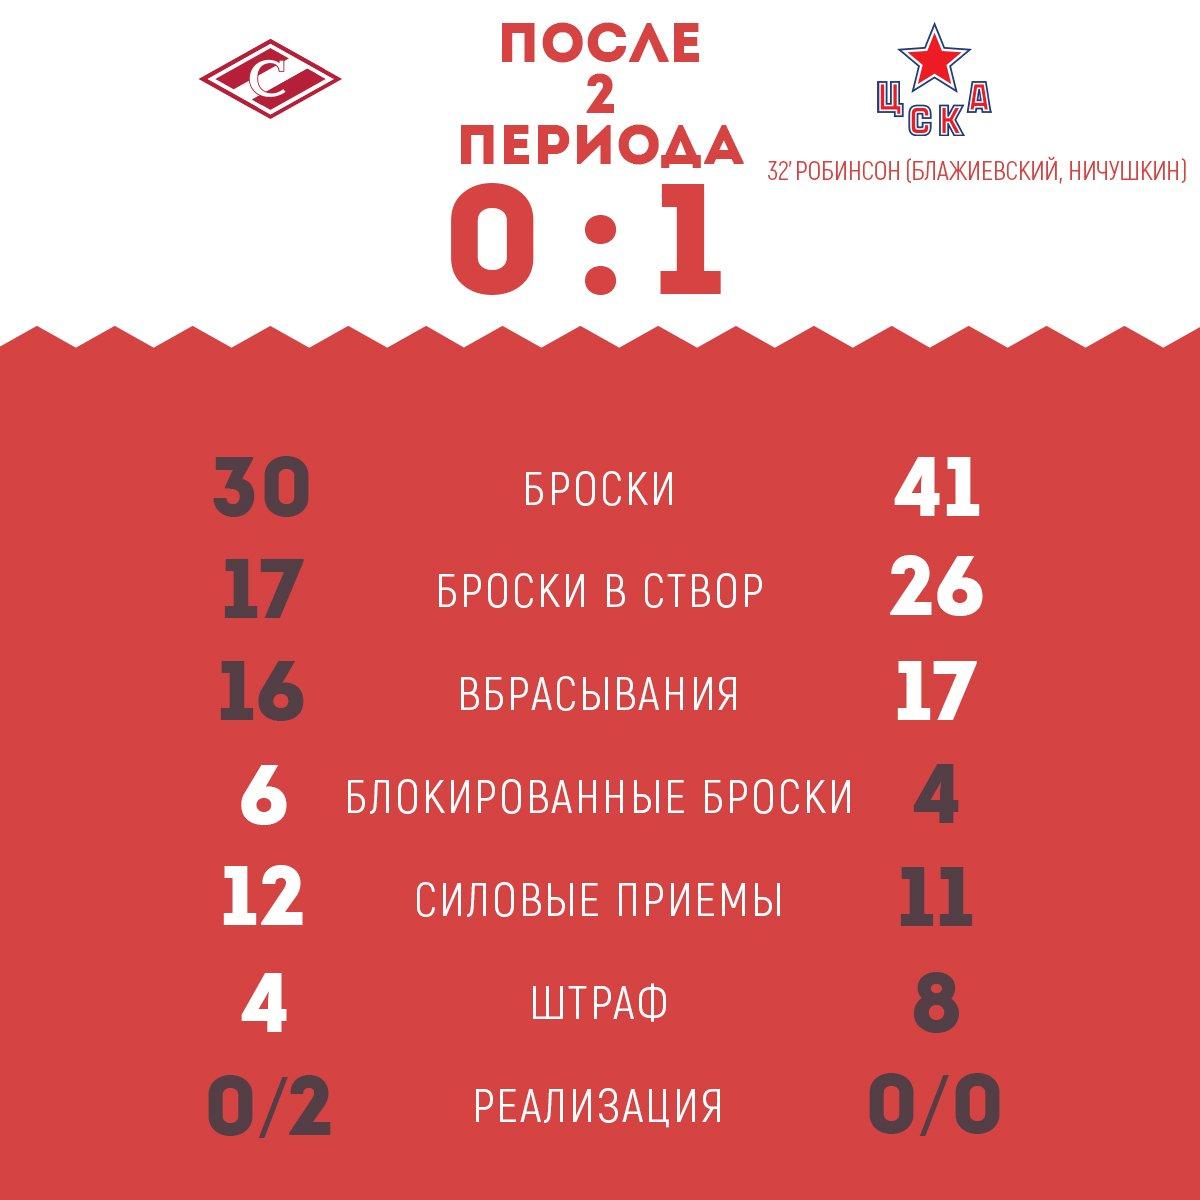 Статистика 4-го матча 1/8 финала Кубка Гагарина «Спартак» vs ЦСКА после 2-го периода